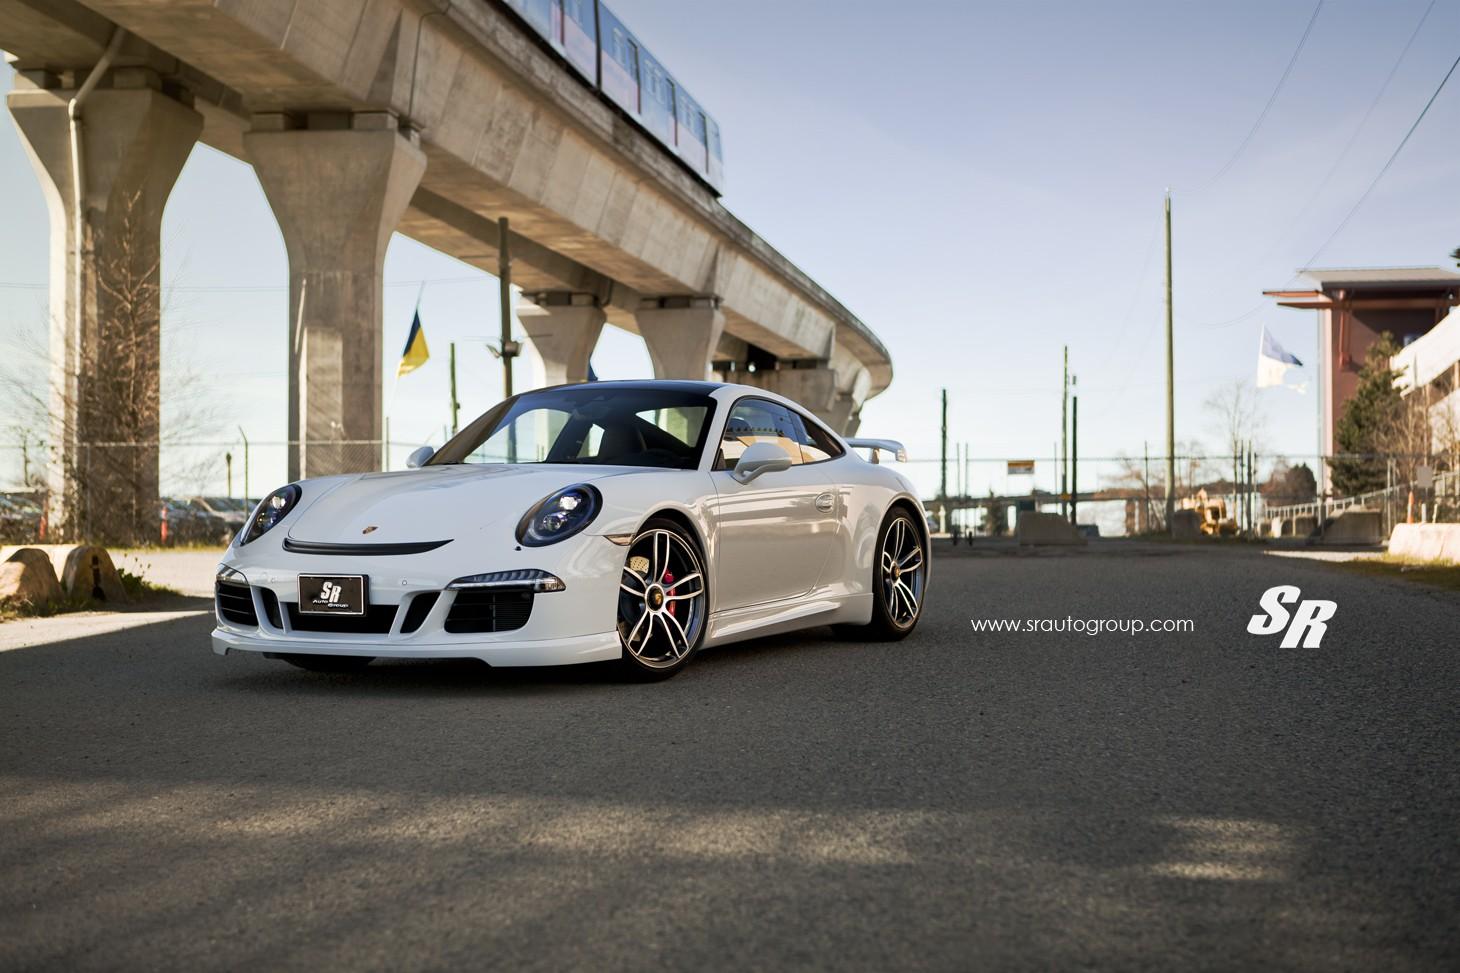 2016 SR Auto Porsche 991 GTS Techart